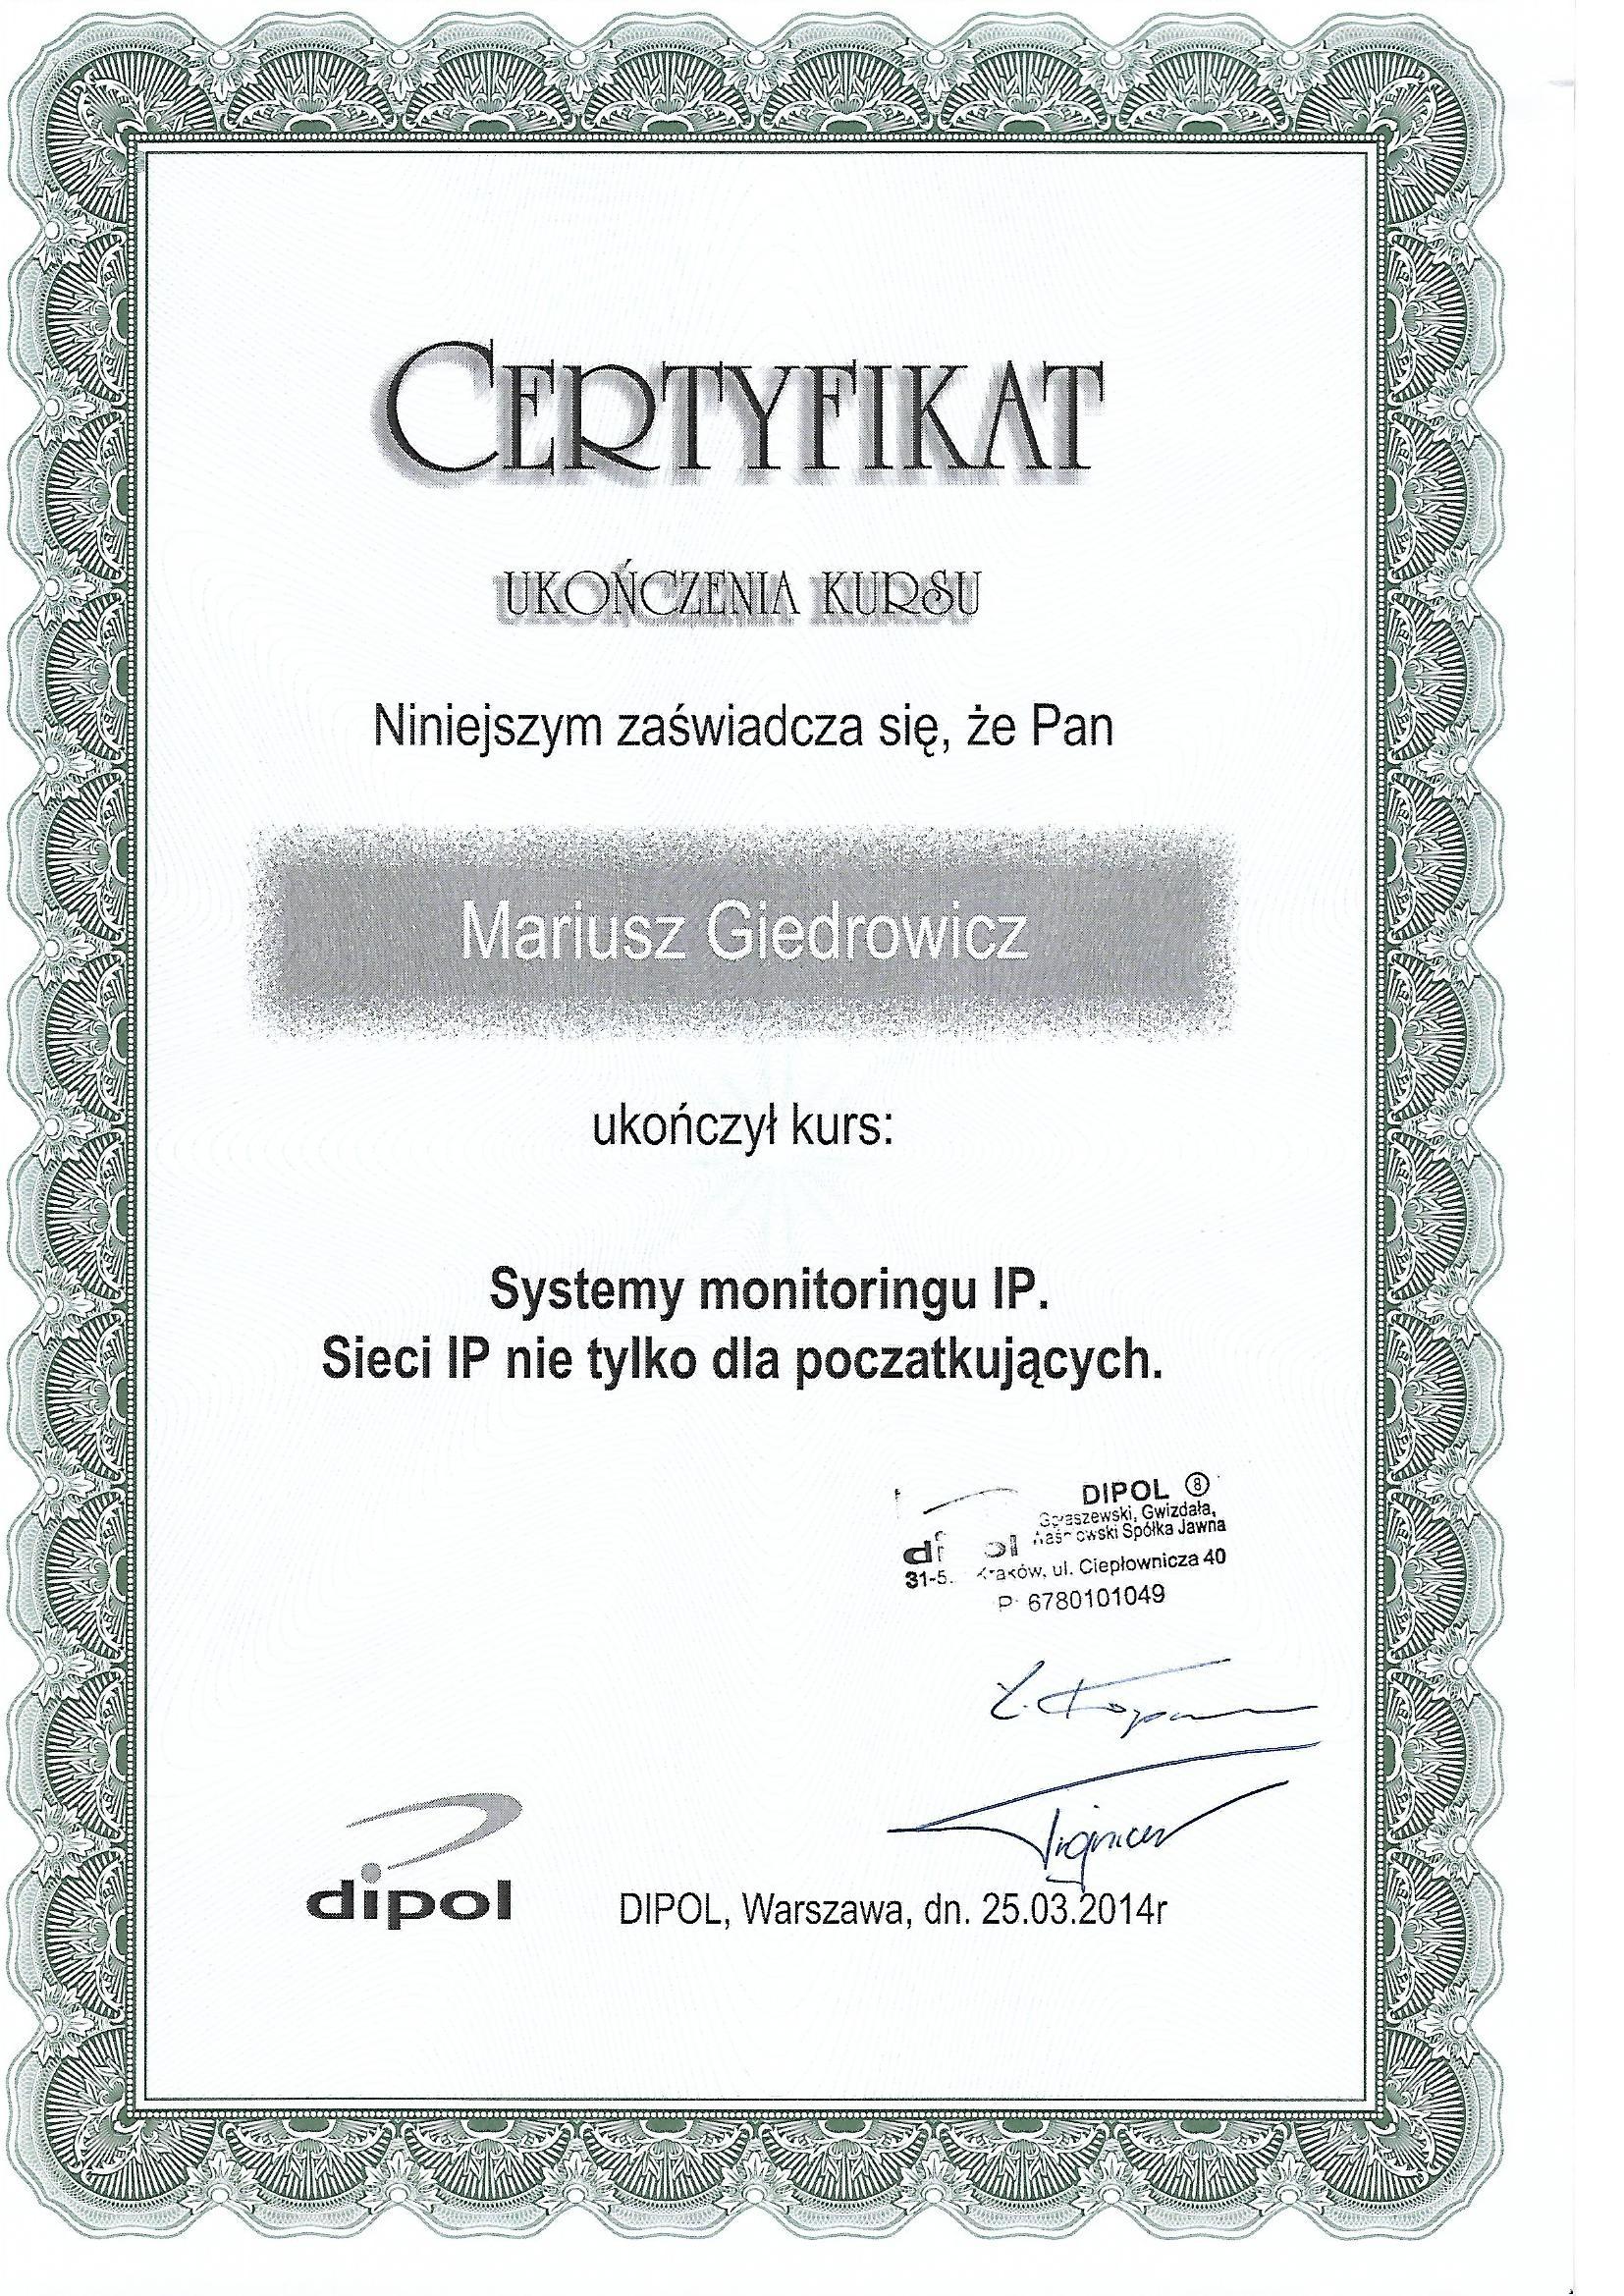 Certyfikat - systemy monitoringu IP